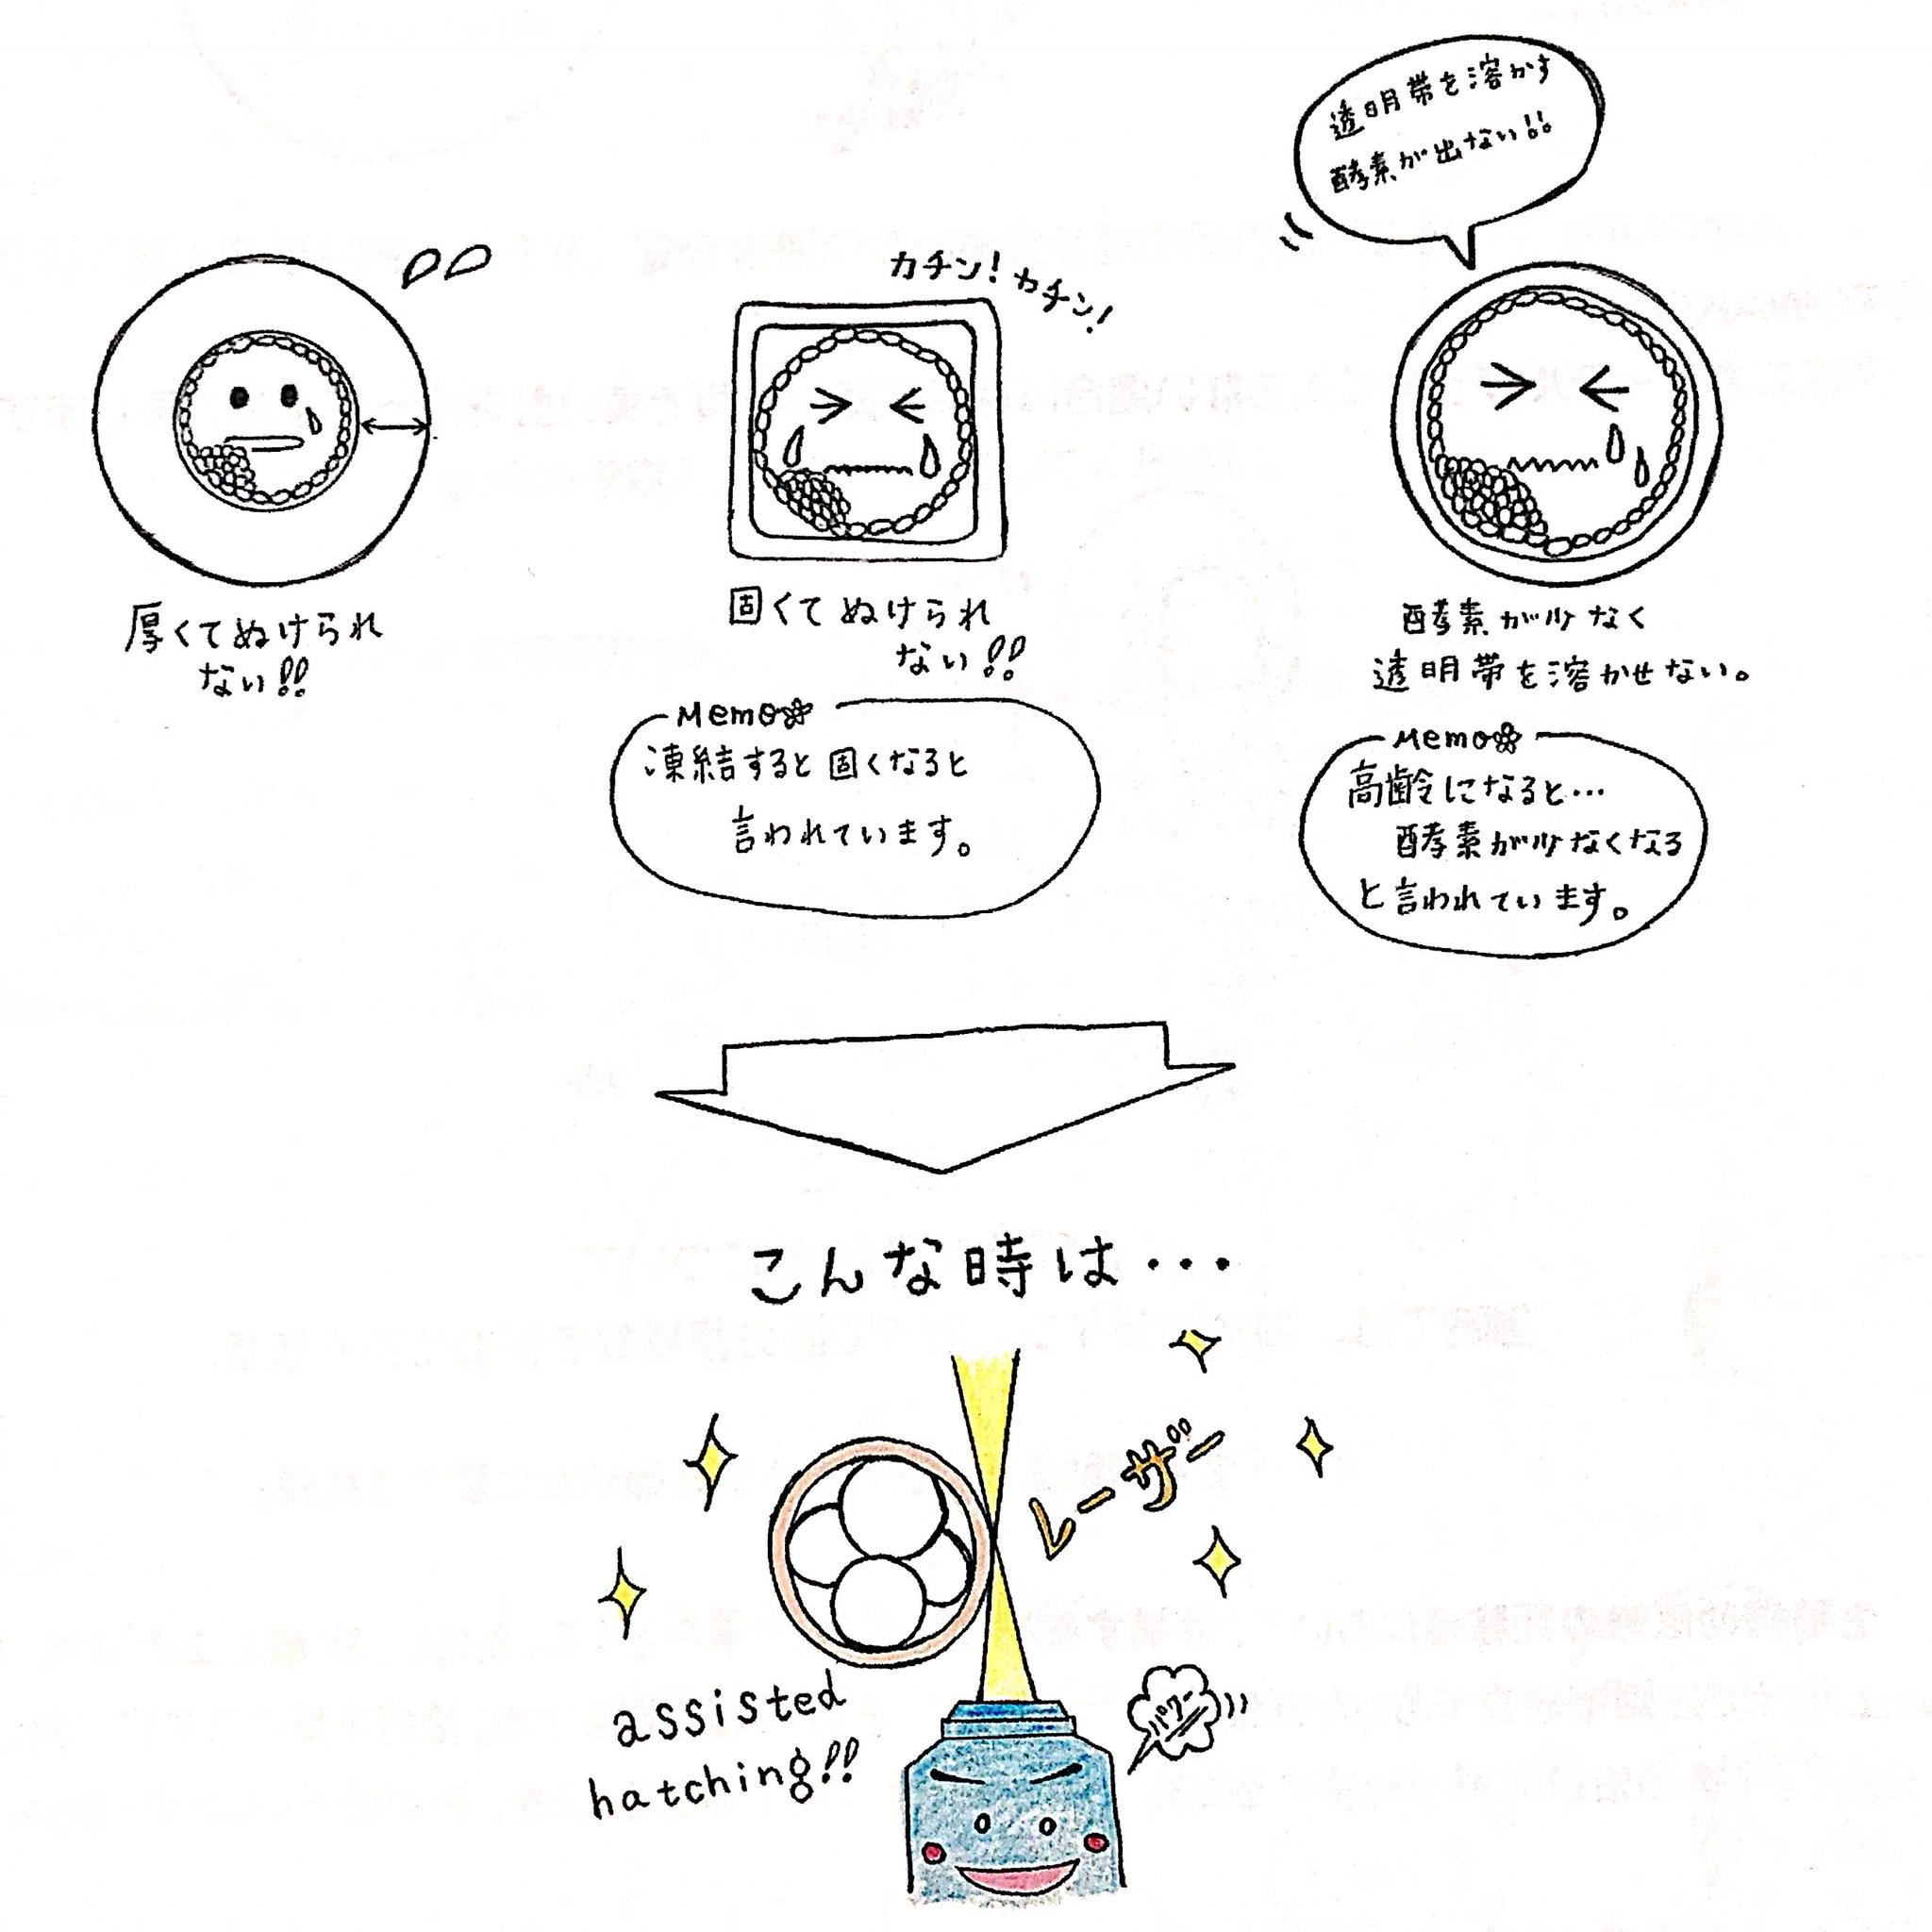 神奈川レデュースクリニックIVF説明会資料3